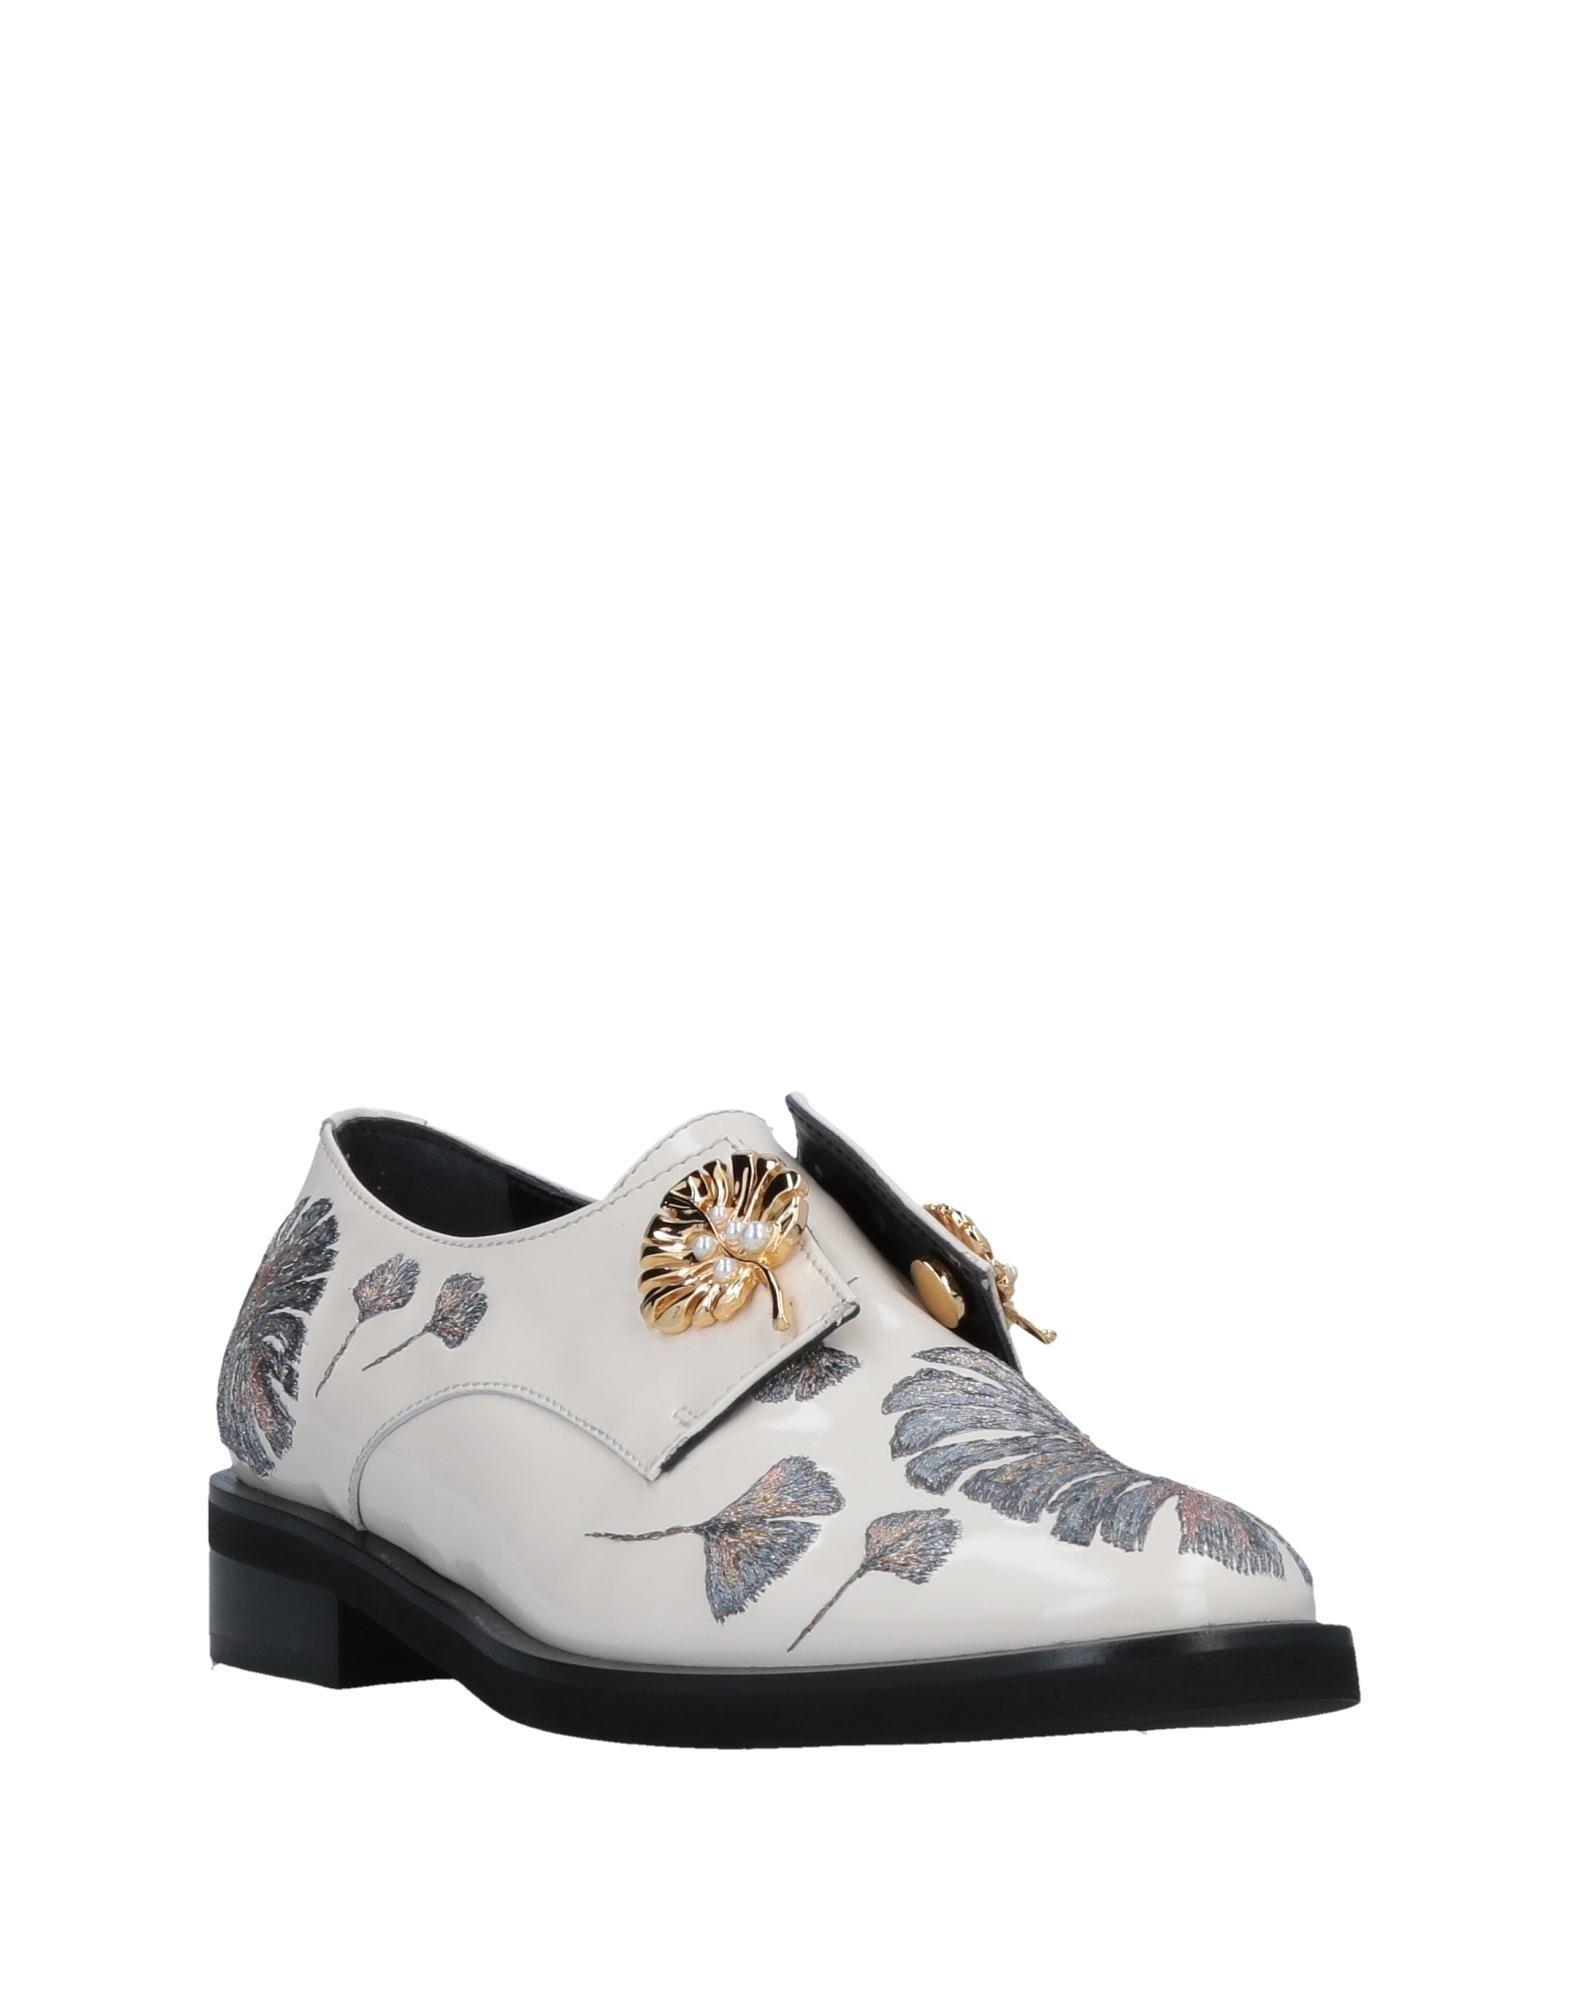 Coliac Martina Grasselli Mokassins aussehende Damen  11505249QEGünstige gut aussehende Mokassins Schuhe af4803